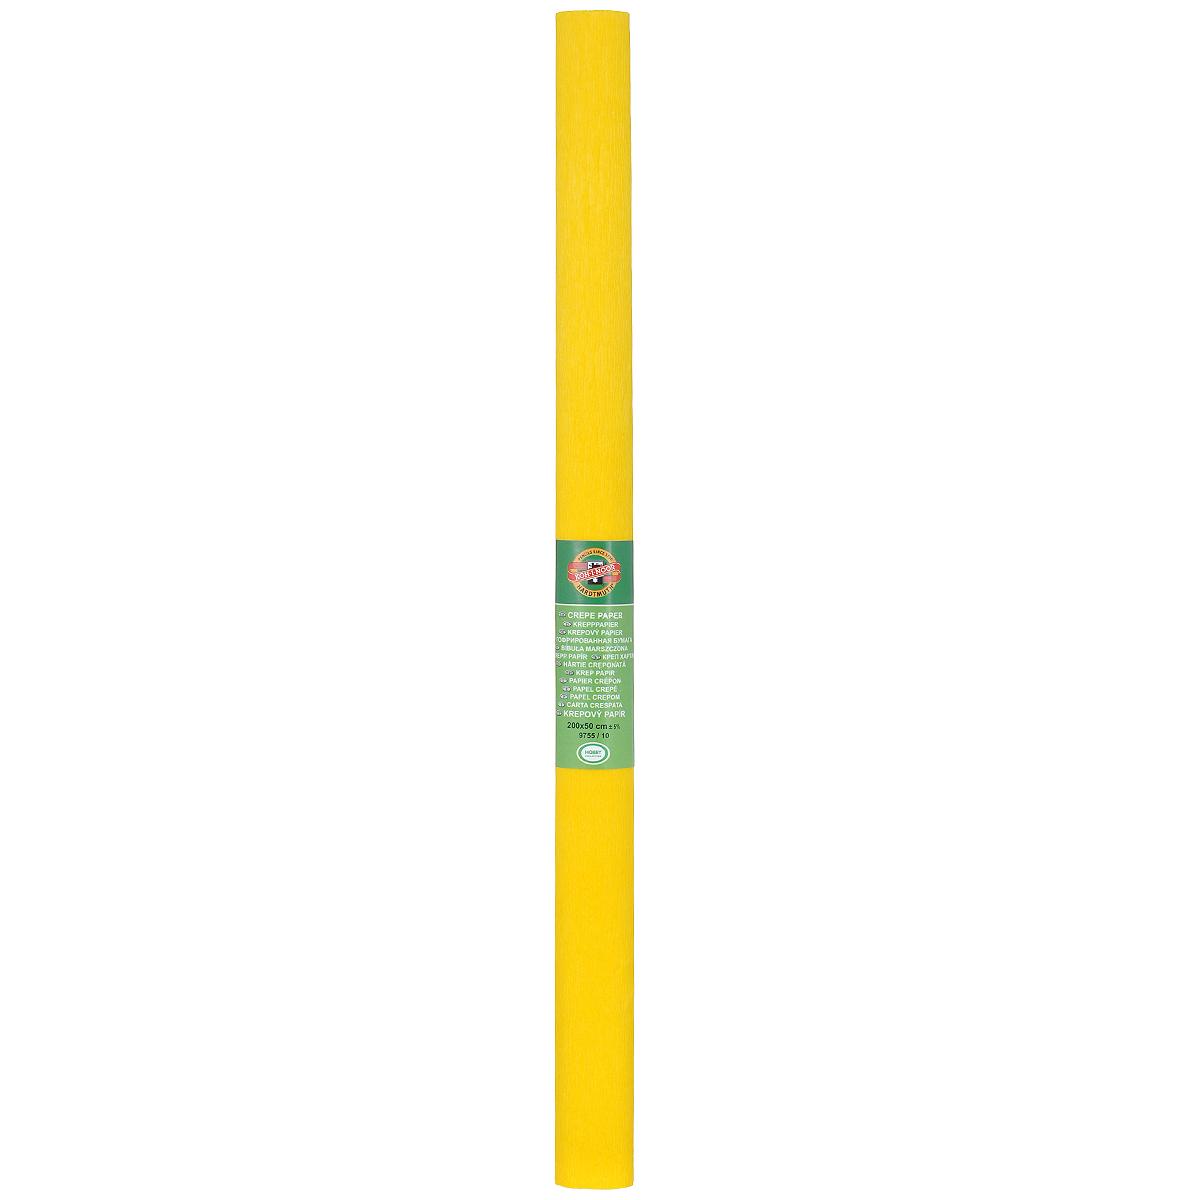 Бумага гофрированная Koh-I-Noor, цвет: темно-желтый, 50 см x 2 м55052Гофрированная бумага Koh-I-Noor - прекрасный материал для декорирования, изготовления эффектной упаковки и различных поделок. Бумага прекрасно держит форму, не пачкает руки, отлично крепится и замечательно подходит для изготовления праздничной упаковки для цветов.